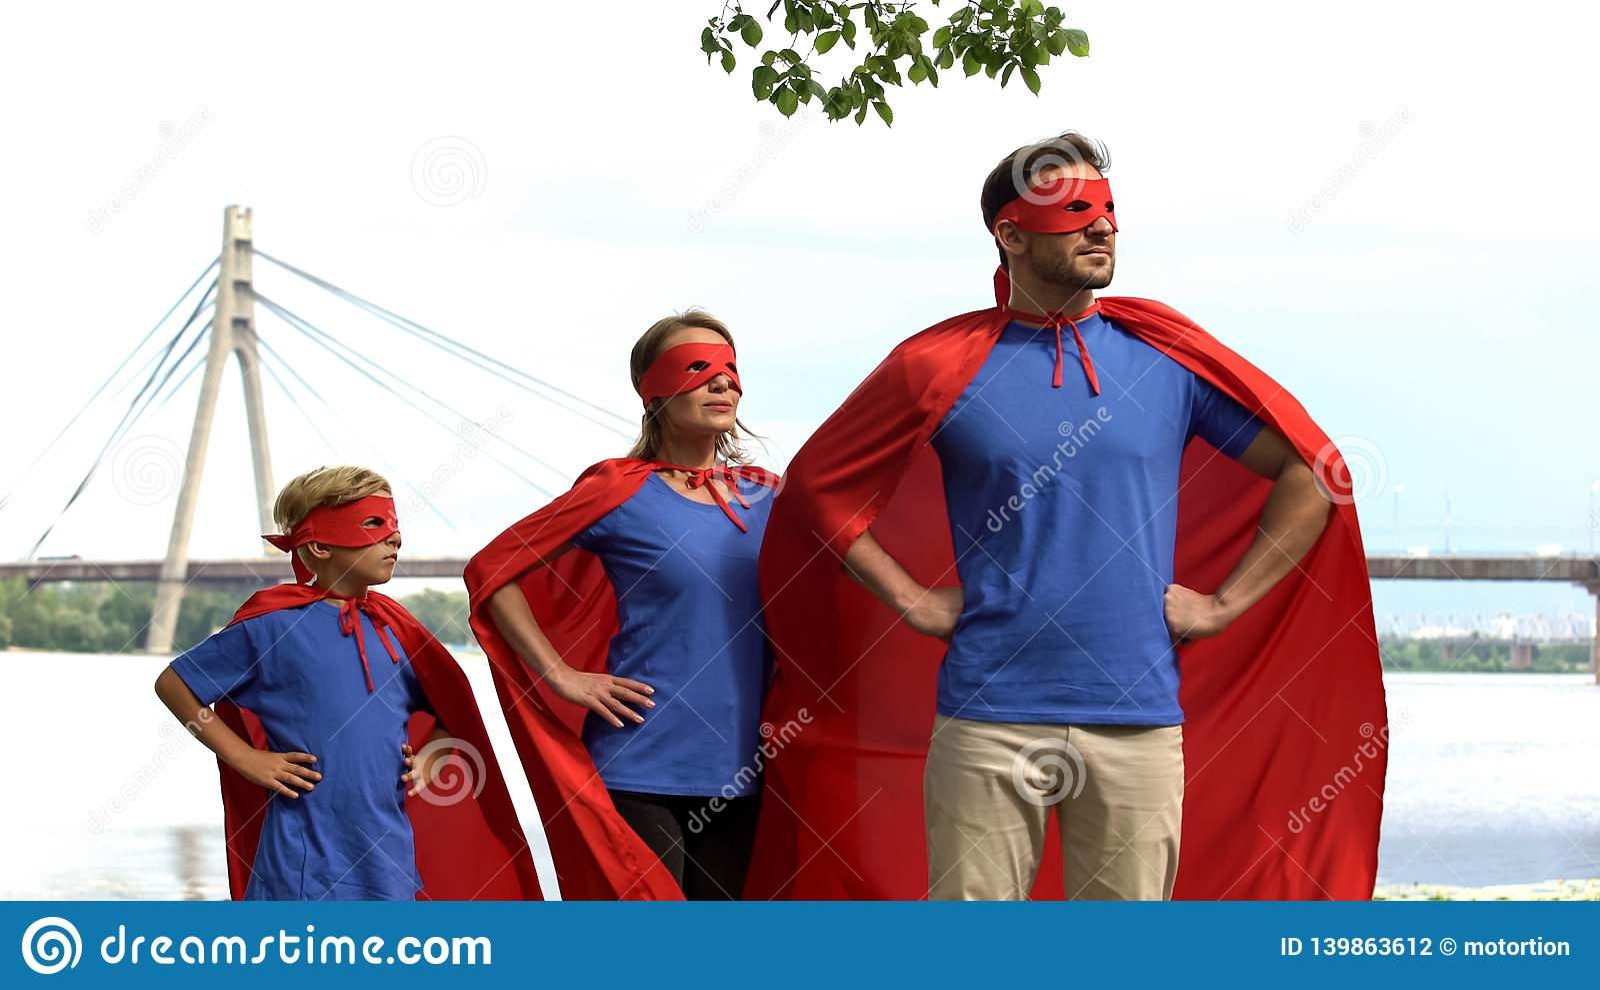 Γενναία ασφάλεια οικογενειακής προσοχής superhero της πόλης, ισχυρή ομάδα που πηγαίνει στη νίκη